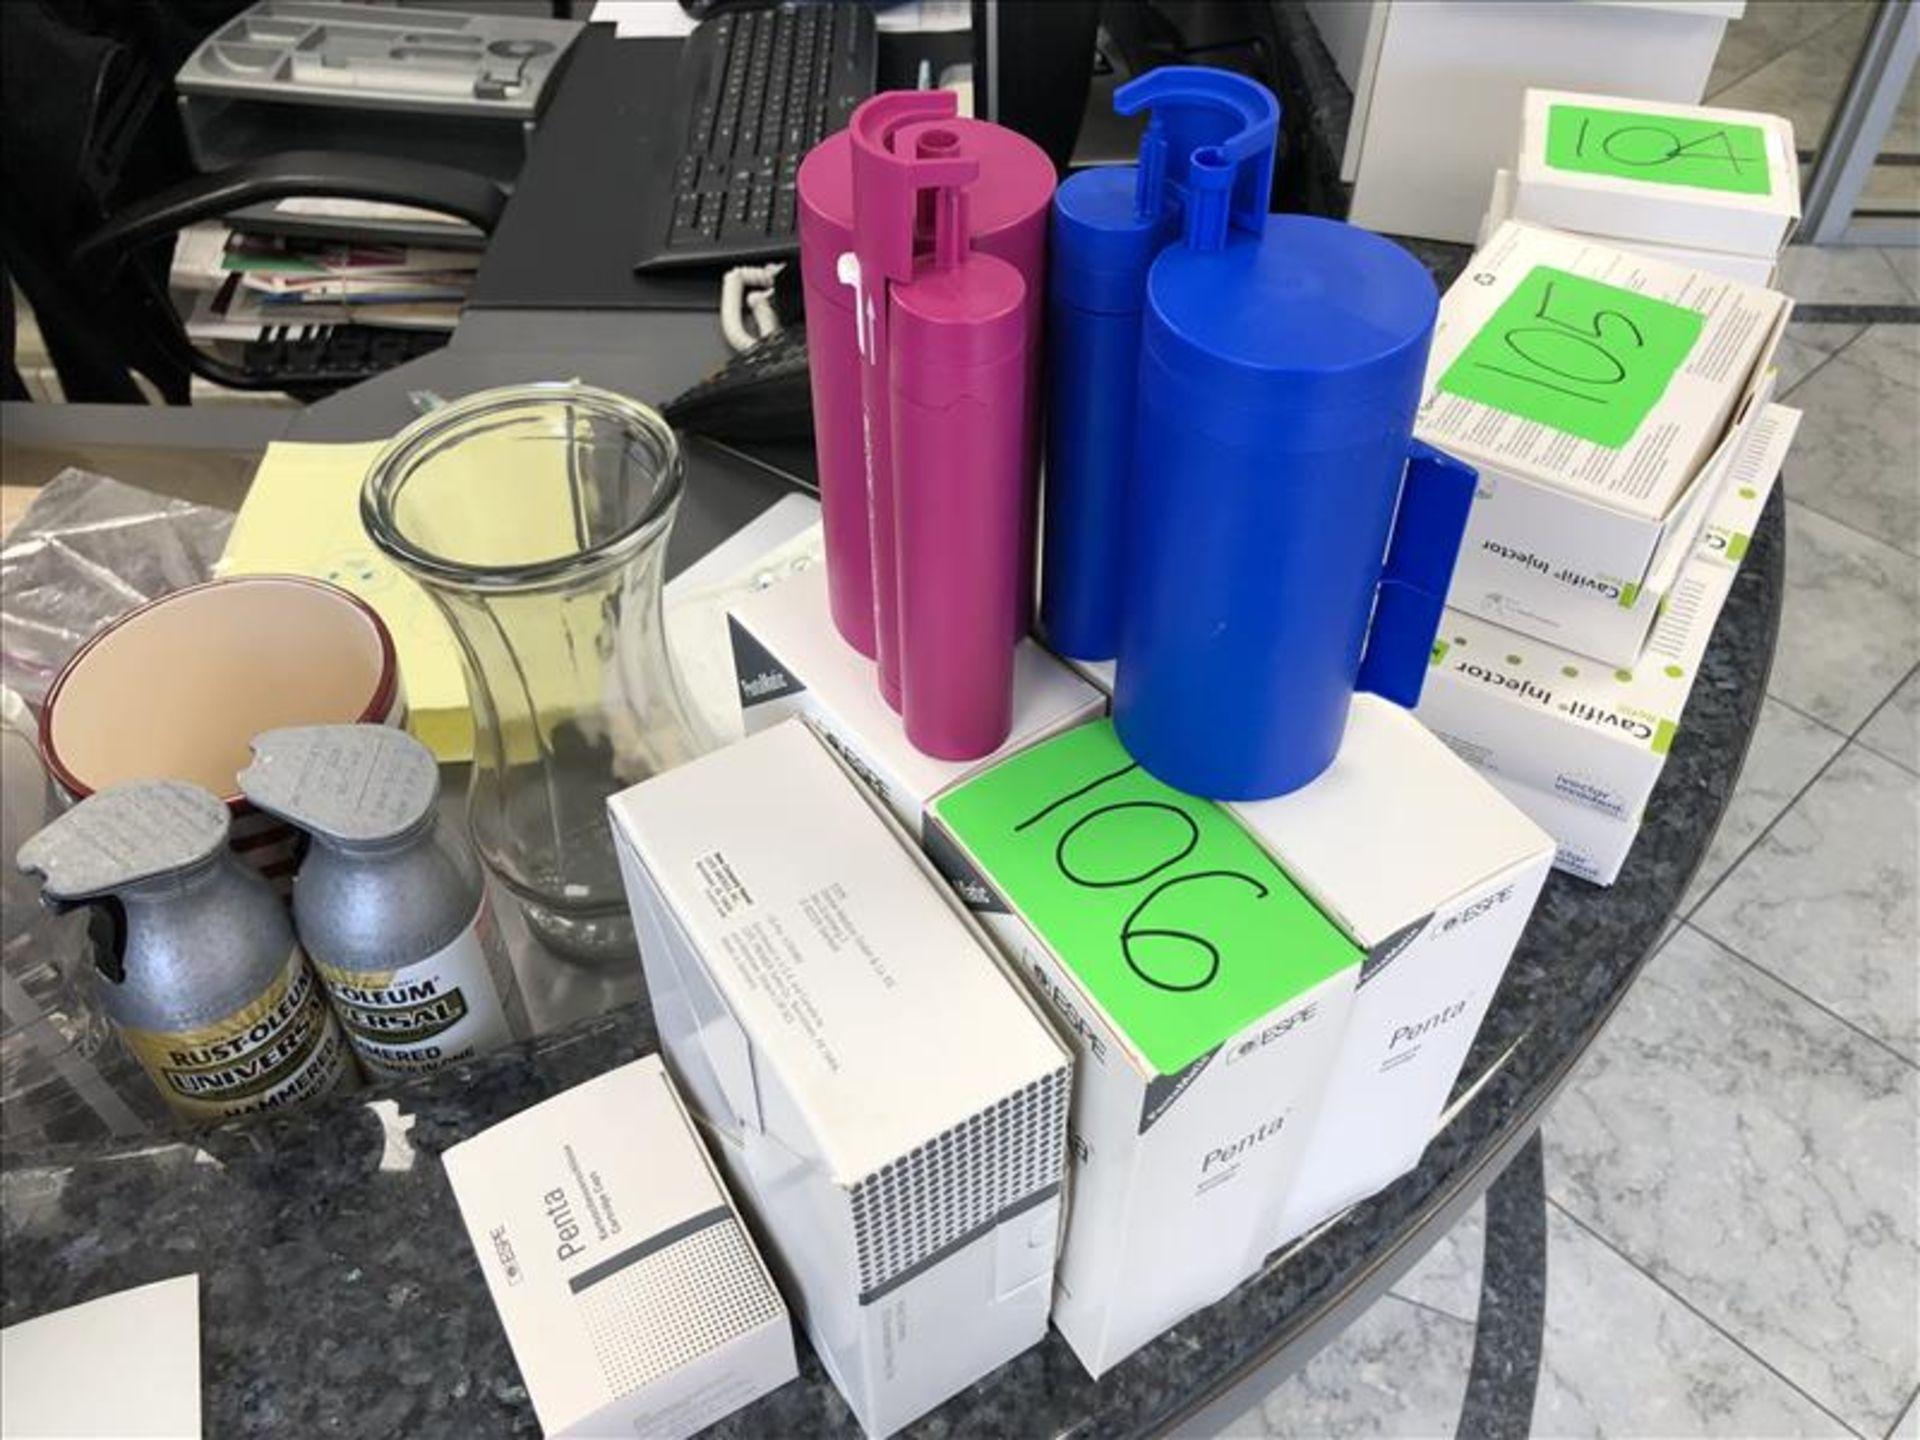 Lot 106 - Espe PentaMatic cartridges, including Permadyne penta dunn -07787, 077861, Penta mixing tips -03162,